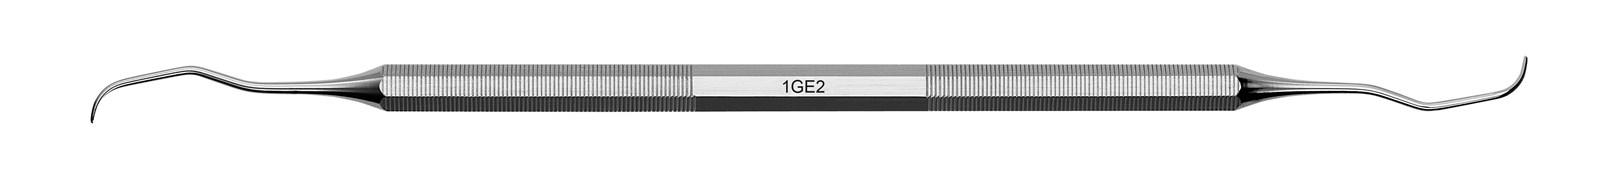 Kyreta Gracey Classic - 1GE2, ADEP silikonový návlek fialový